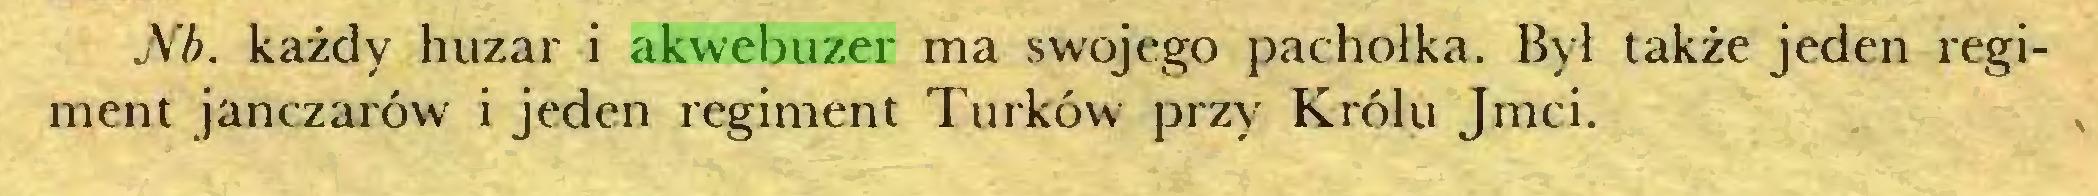 (...) Nb. każdy huzar i akwebuzer ma swojego pachołka. Był także jeden regiment janczarów i jeden regiment Turków przy Królu Jmci...